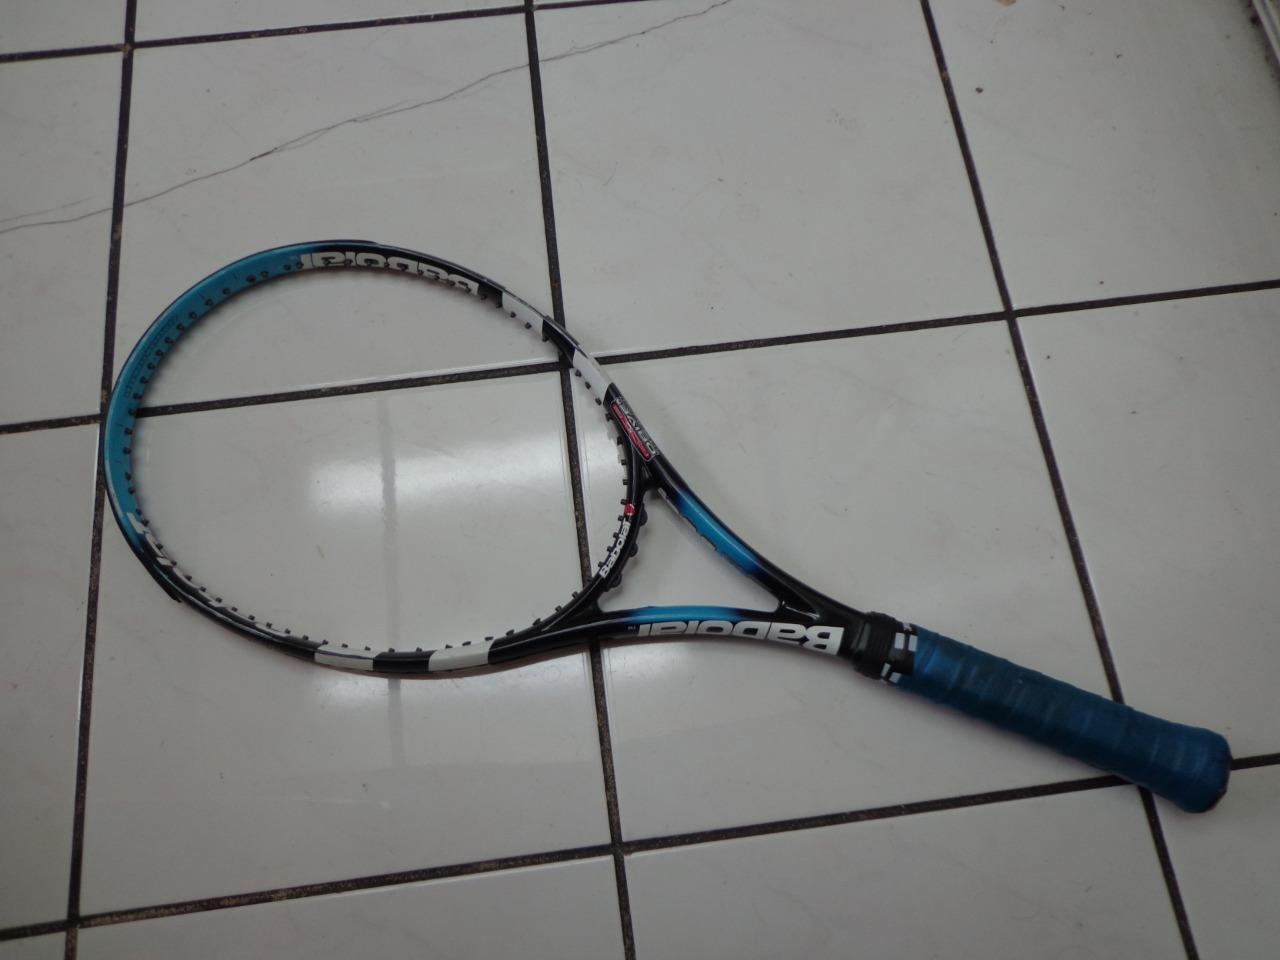 Babolat Pure Unidad Equipo 100 cabeza 27 in (approx. 68.58 cm) 4 1 2 Grip Tenis Raqueta